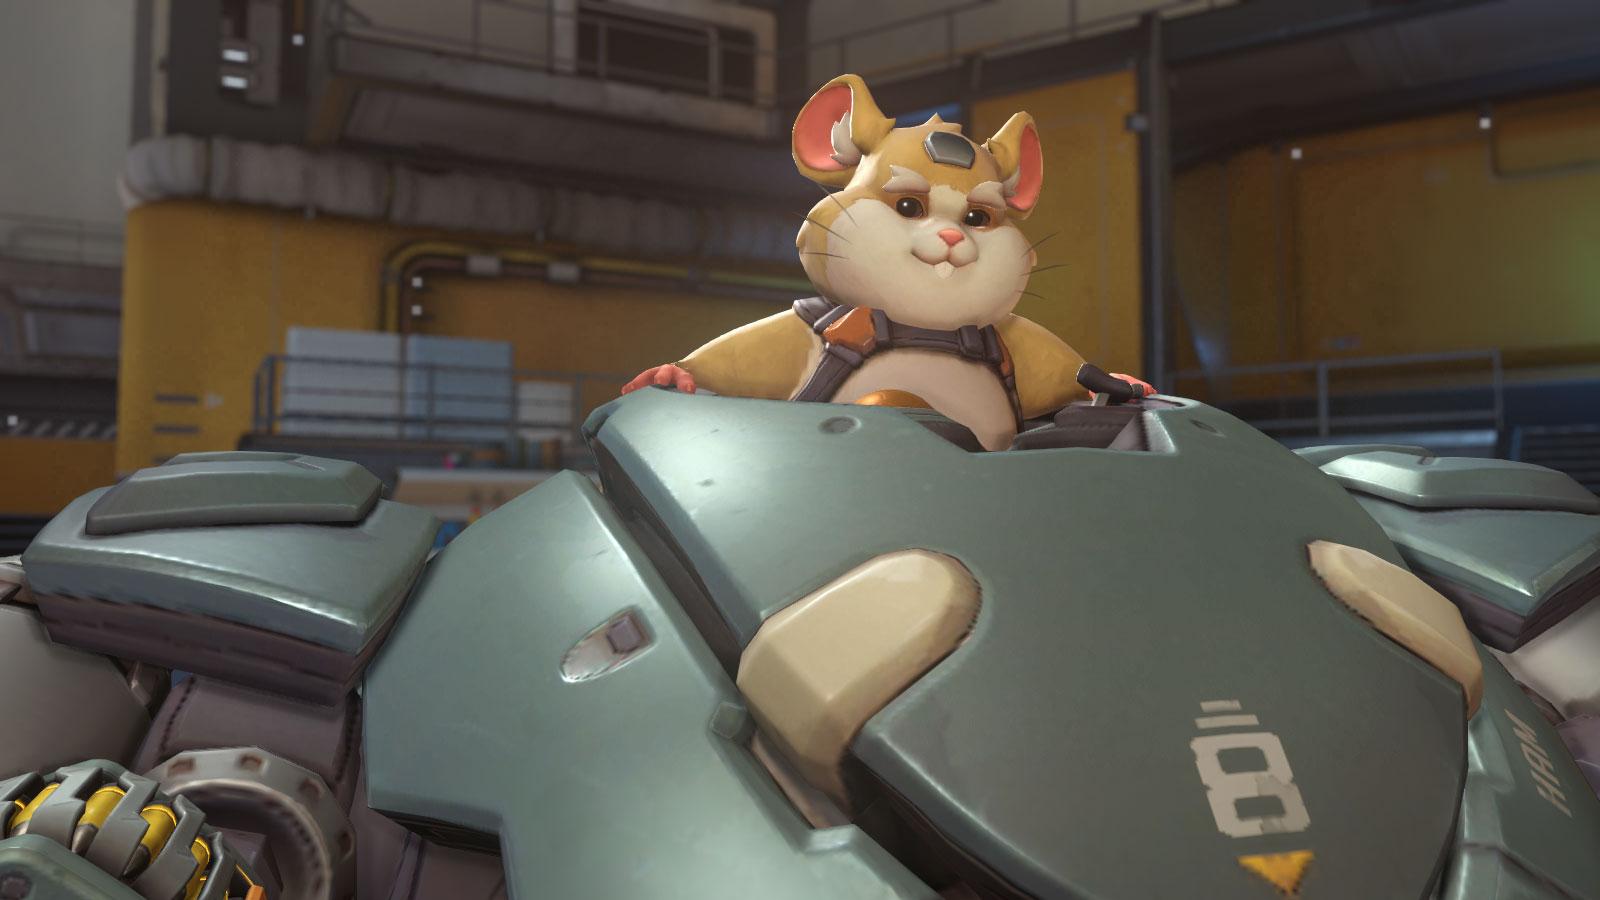 Nouveau héros Bouldozer (Hammond) dans Overwatch